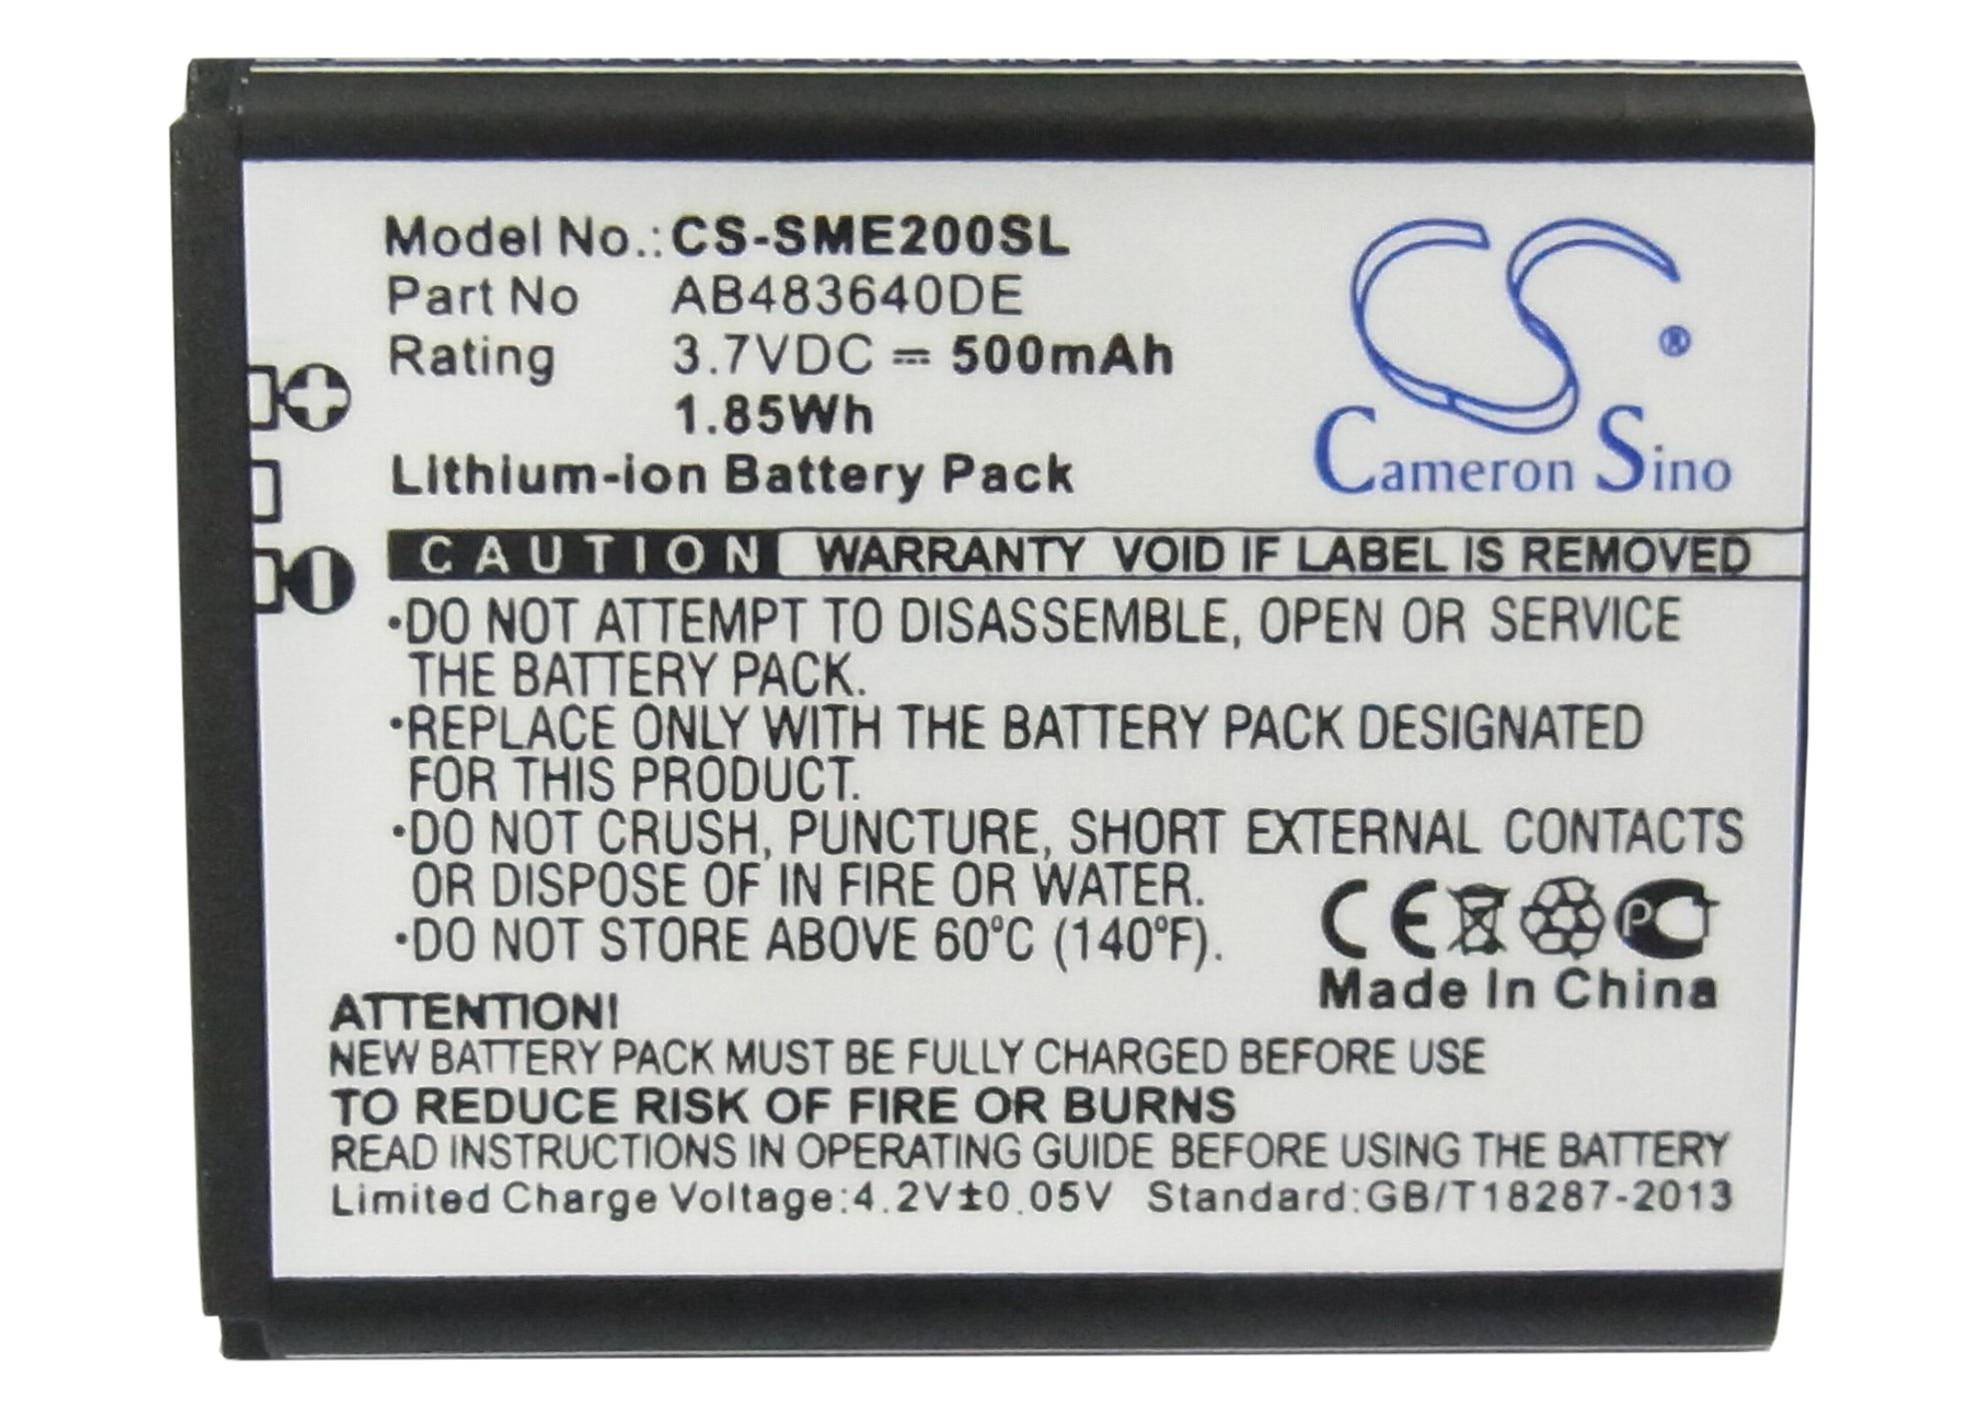 Cameron Sino AB483640CC Bateria de 500 mAh, AB483640DE, AB483640DU para Samsung E200 Eco, SCH-S259, SGH-E200, SGH-E208, SGH-J150